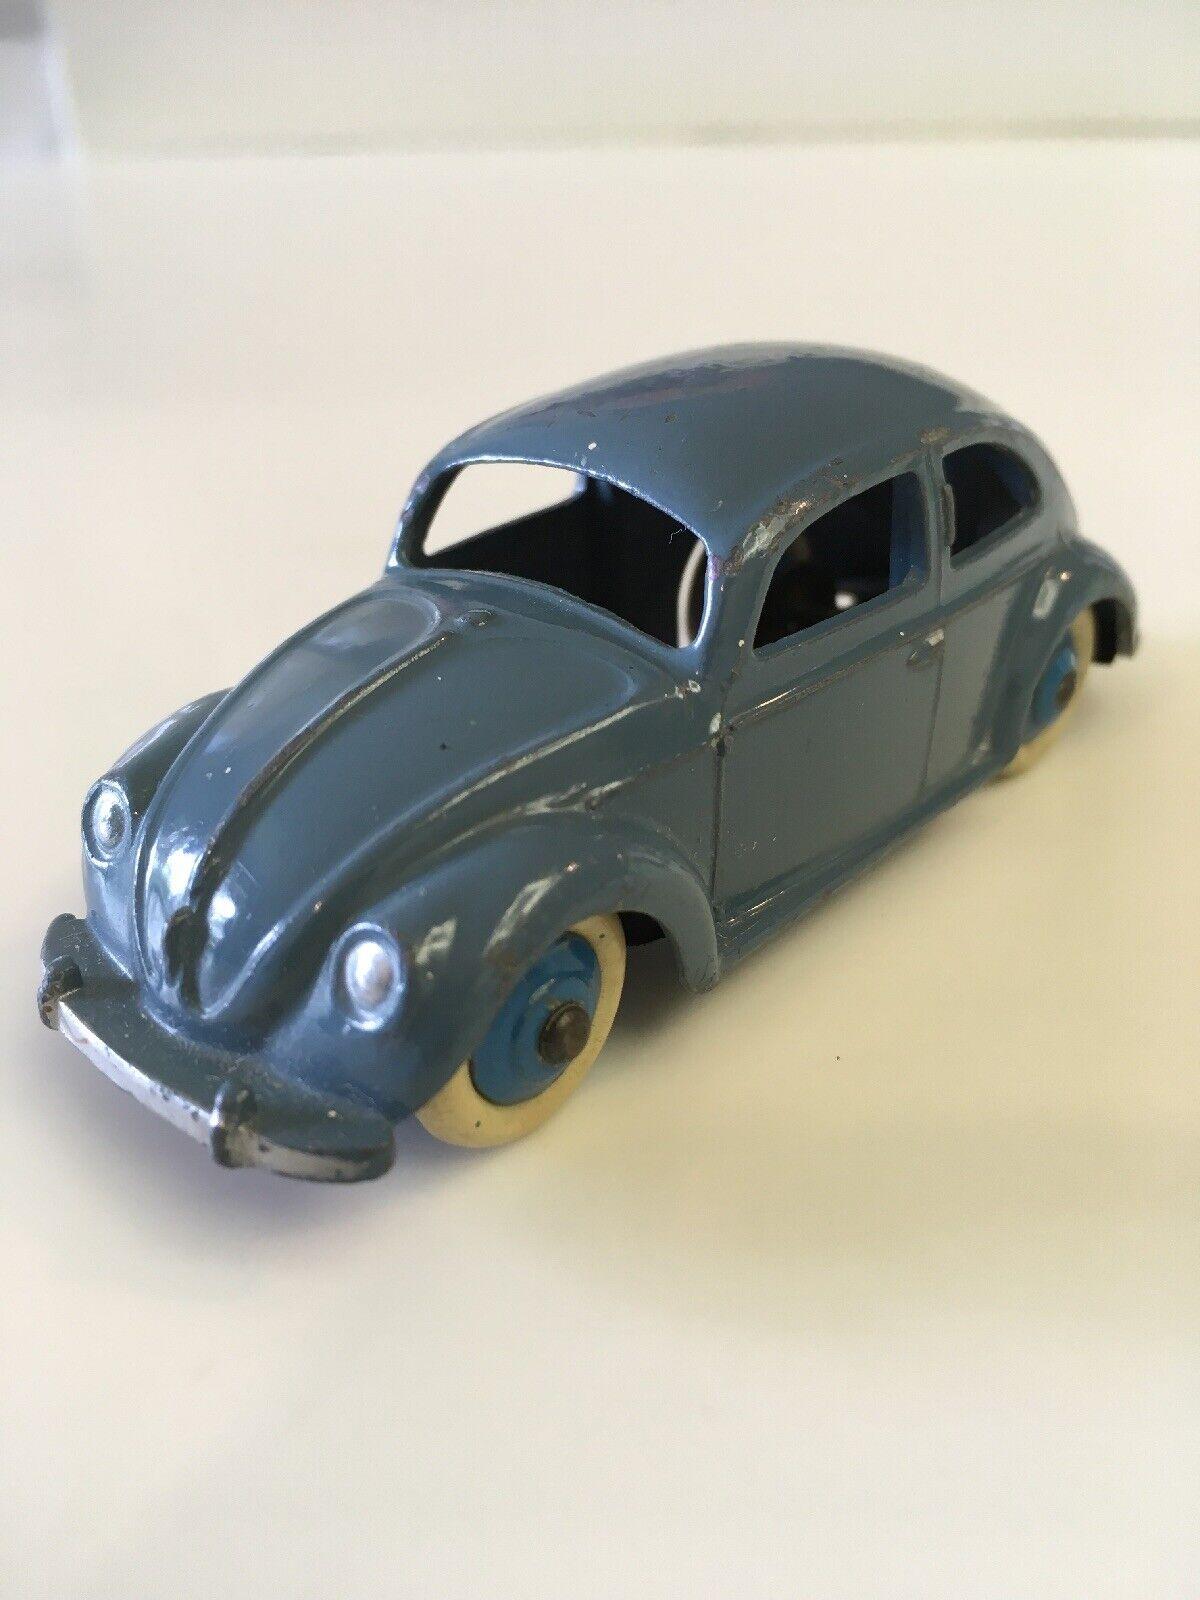 DINKY TOYS MECCANO VOLKSWAGEN NO.181  1956 Bleu Fabriqué en Royaume-Uni  il y a plus de marques de produits de haute qualité